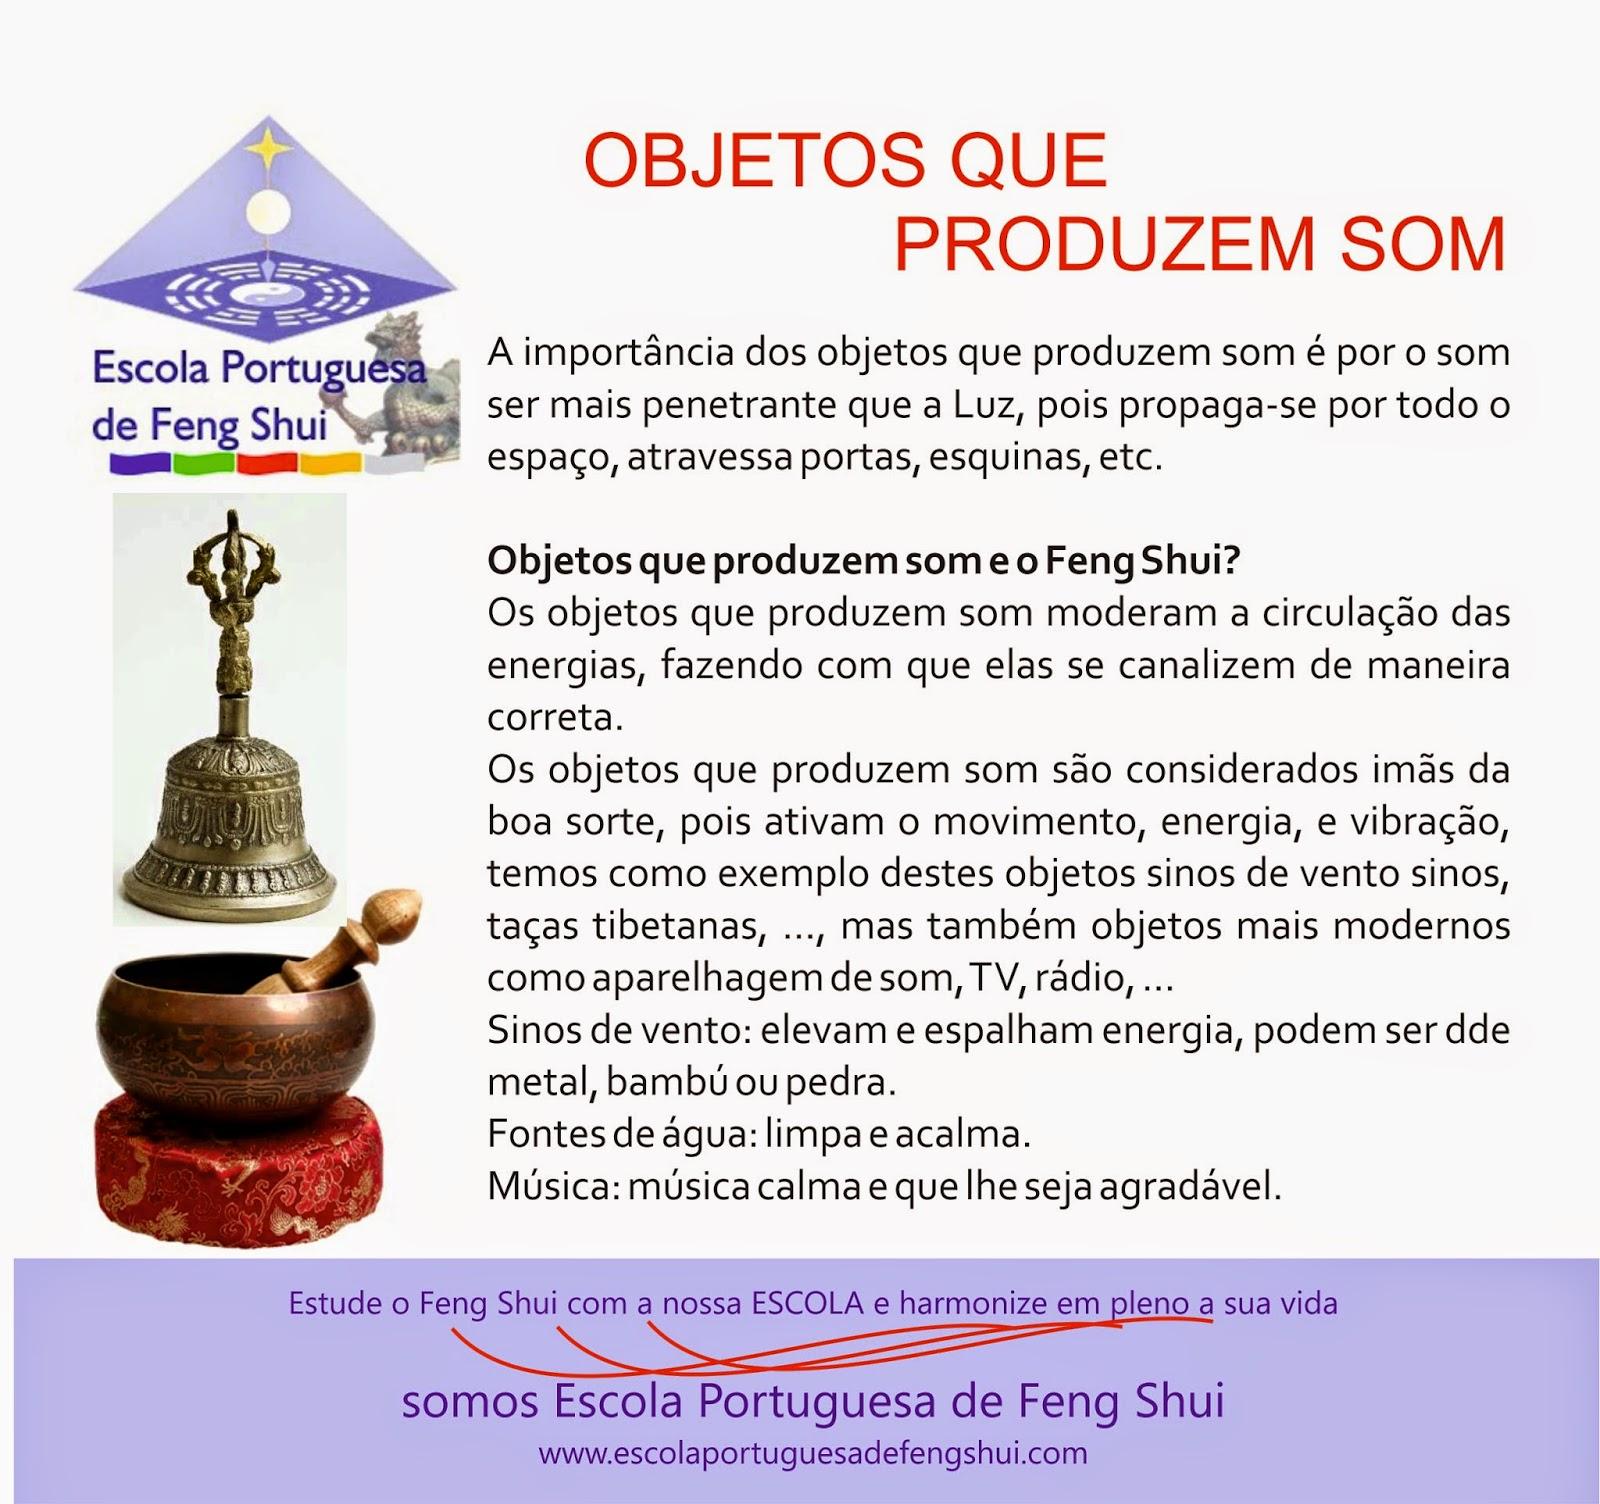 Feng shui escola portuguesa objetos de som - Objetos feng shui ...